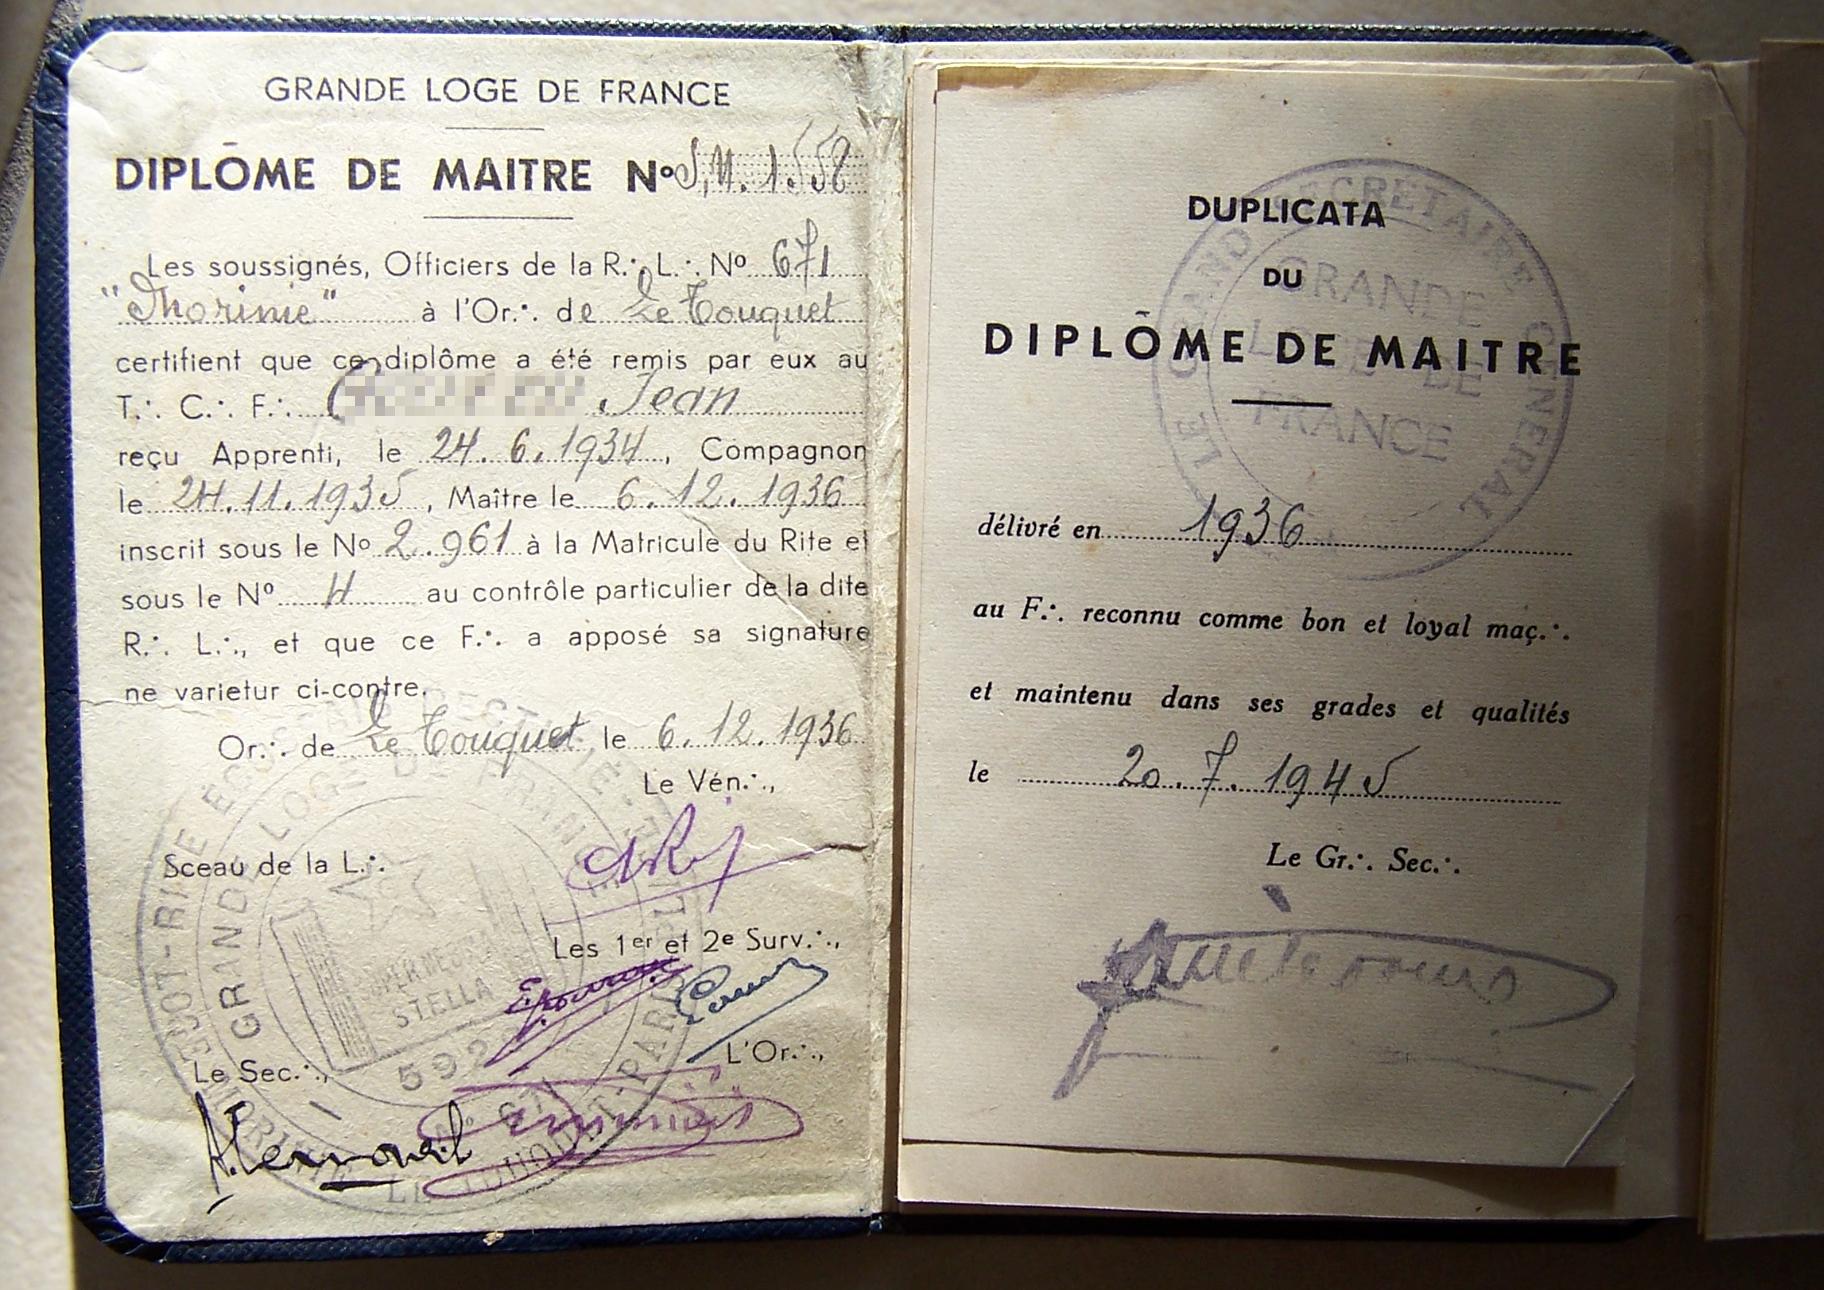 Титульный лист диплома мастера Великой ложи Франции